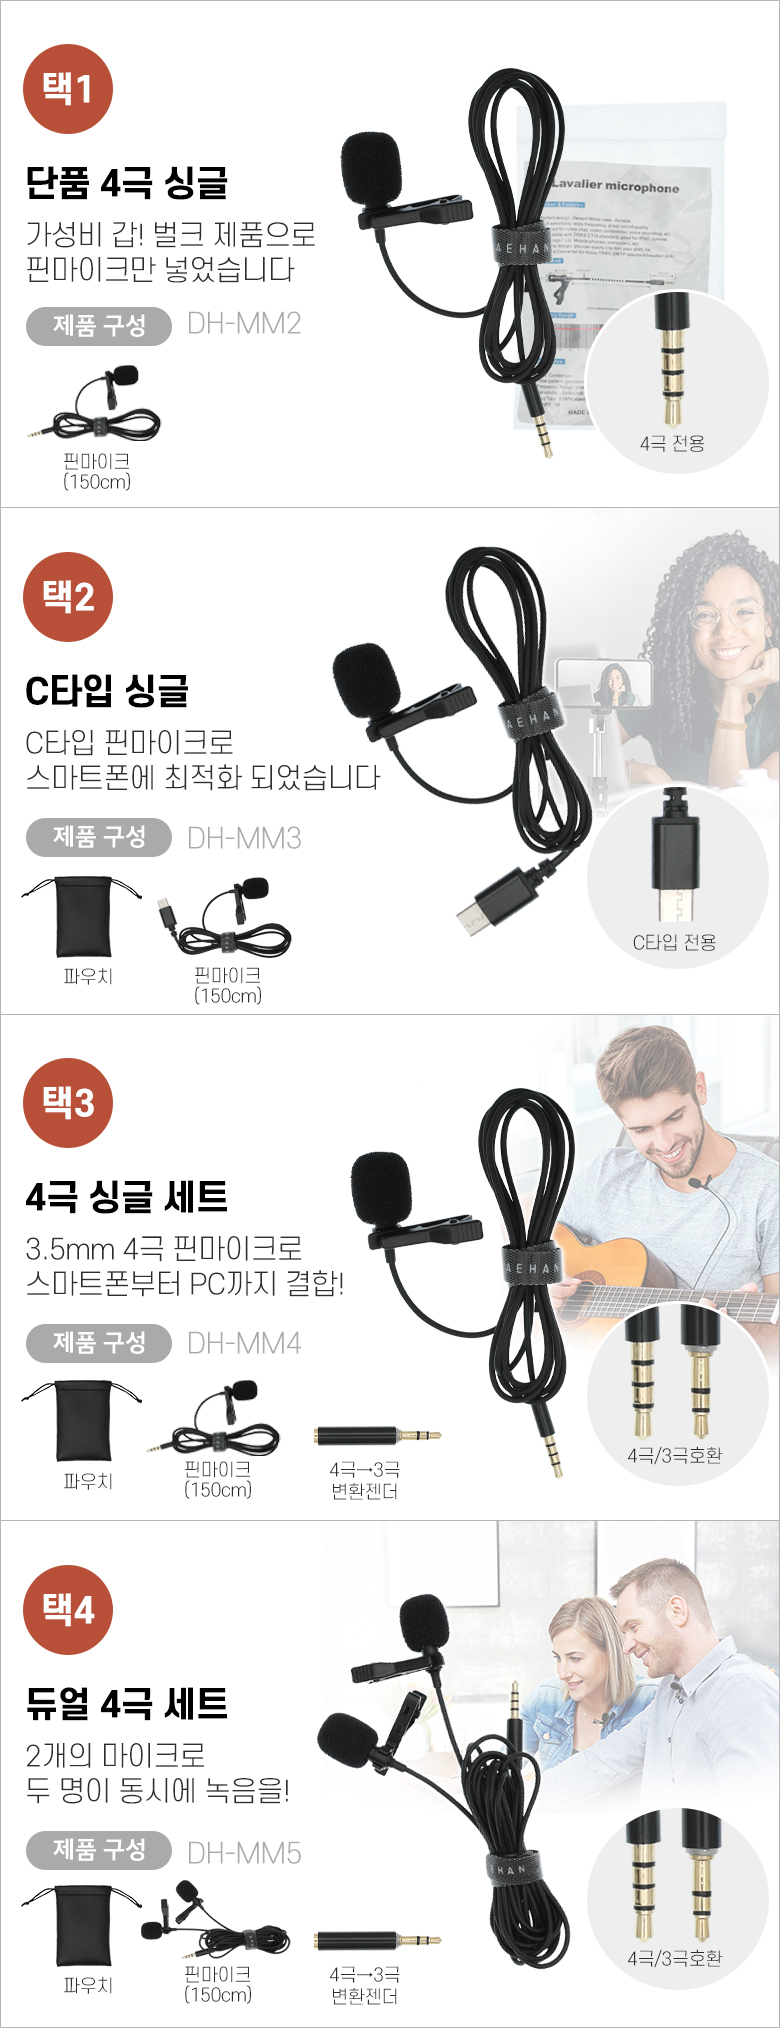 mic_01_02.jpg